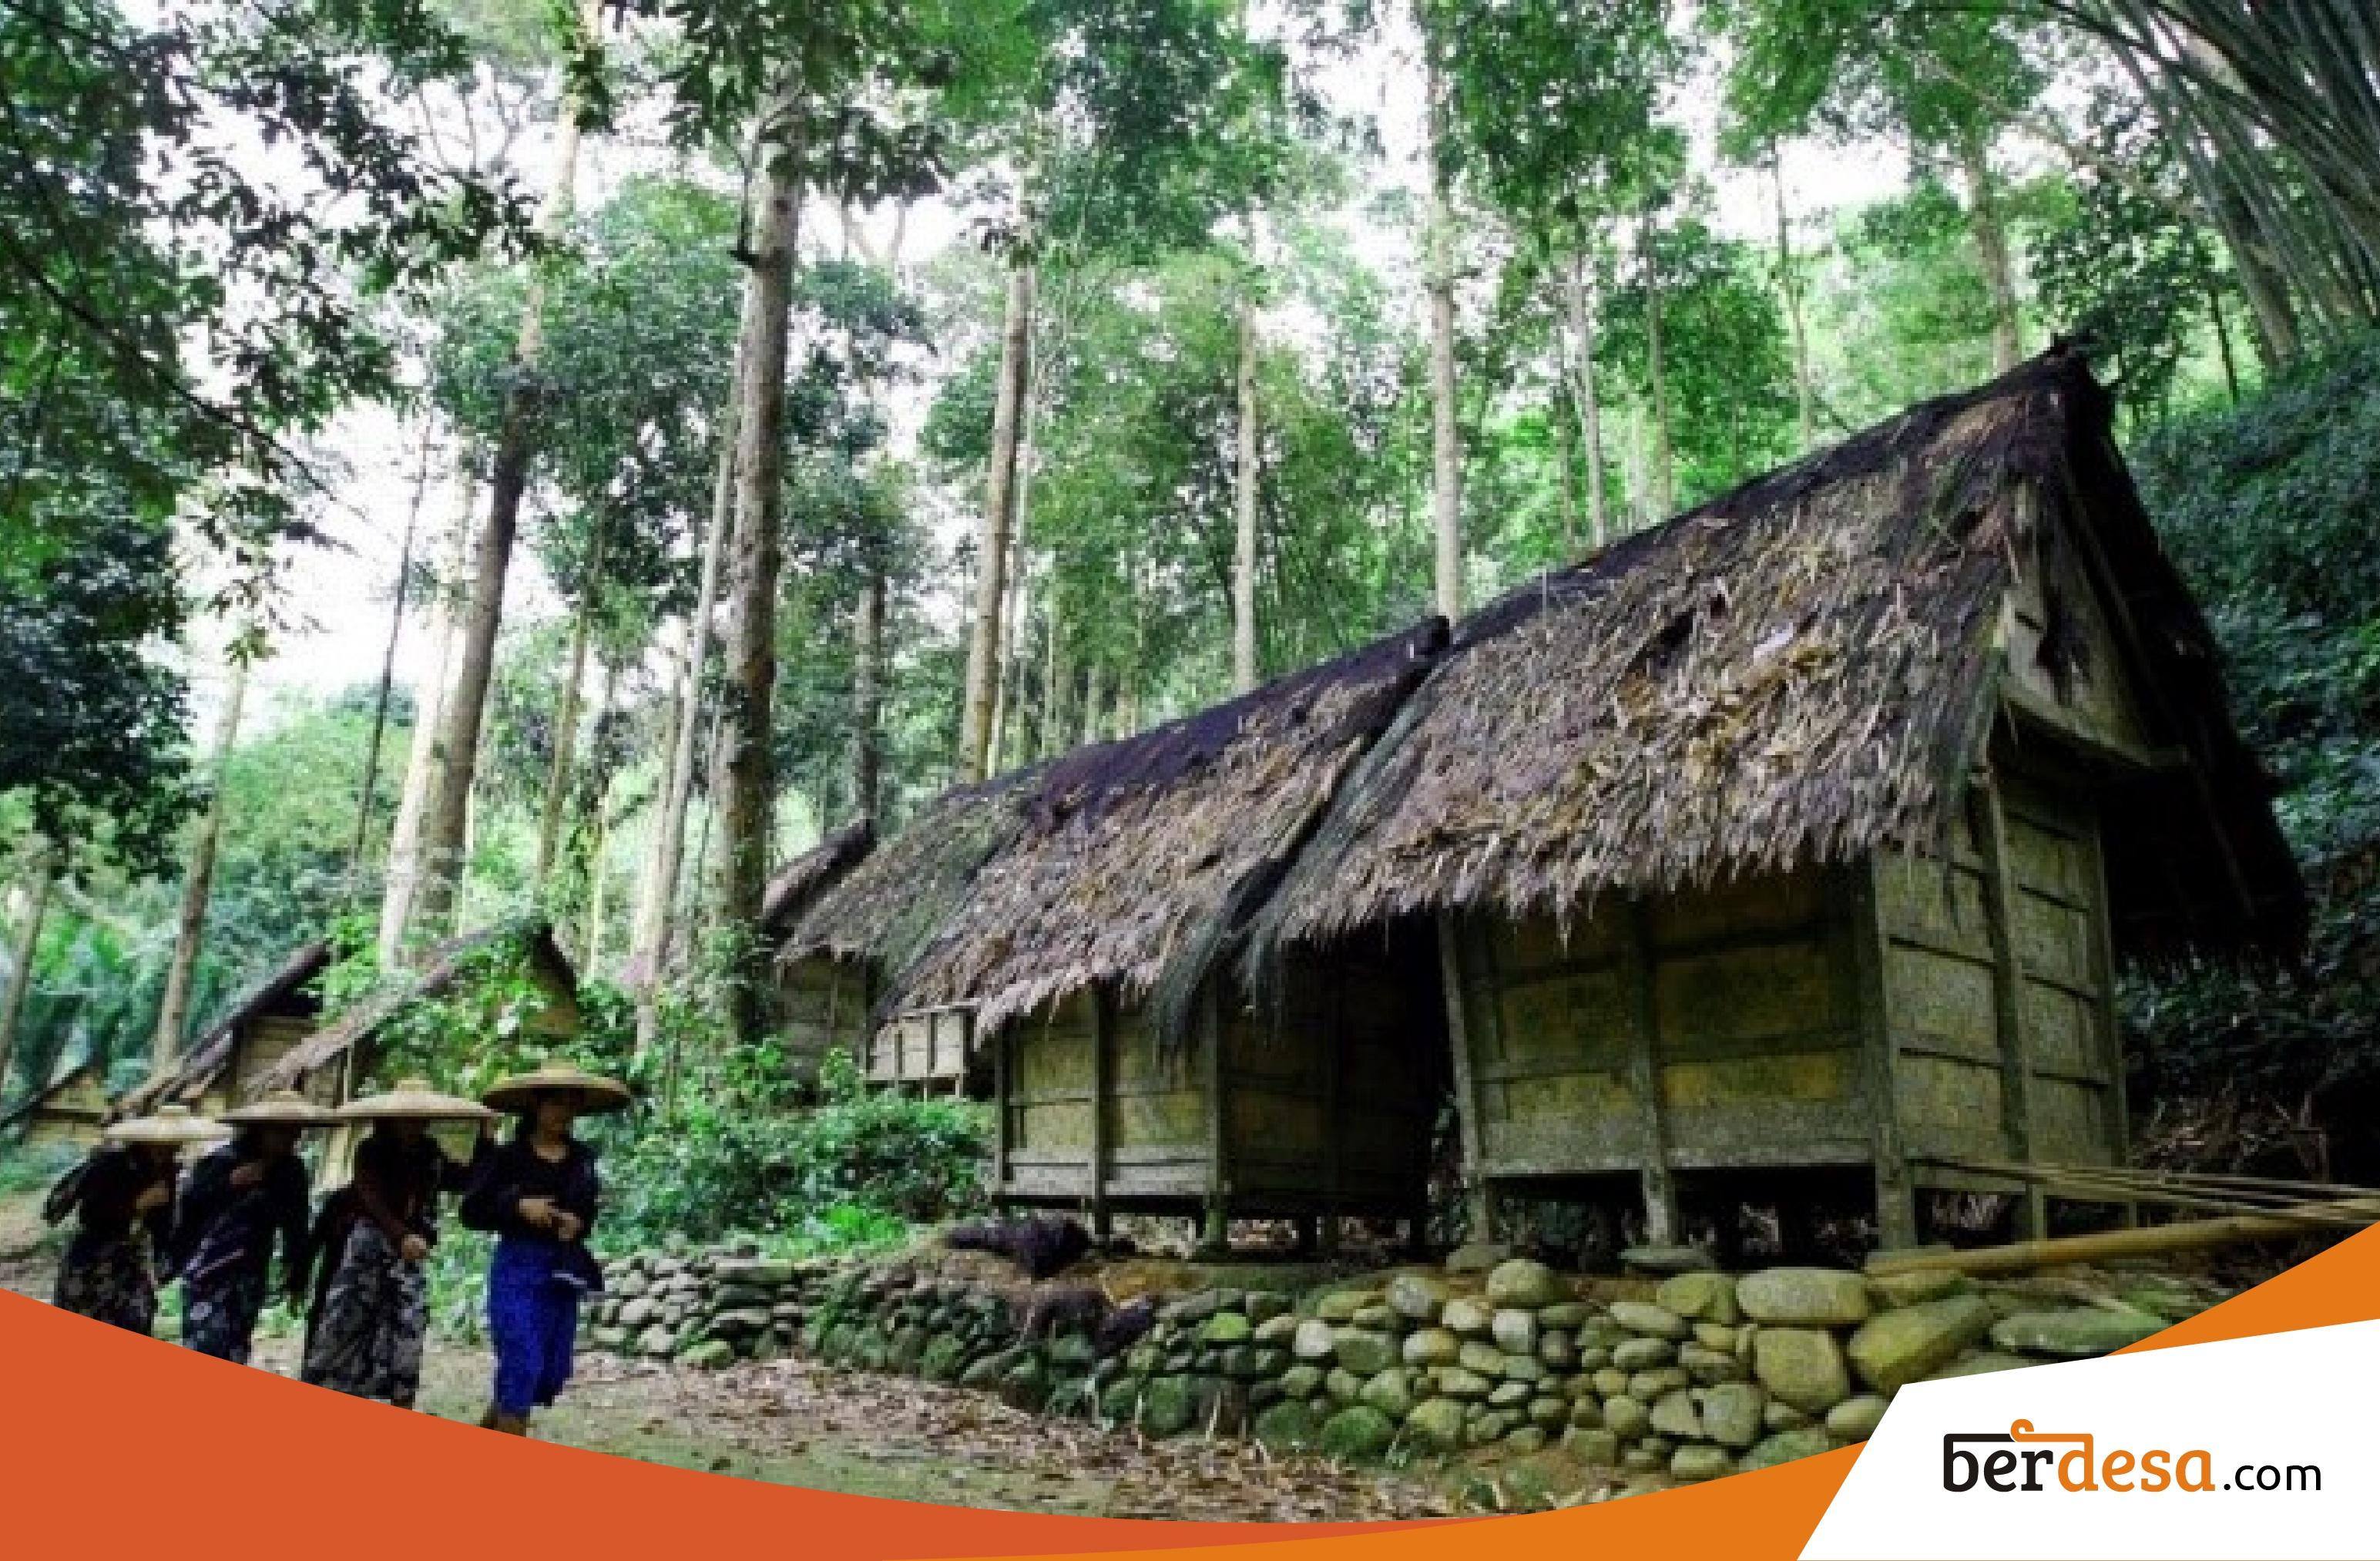 Penolakan Dana Desa Oleh Masyarakat Adat Baduy – Berdesa